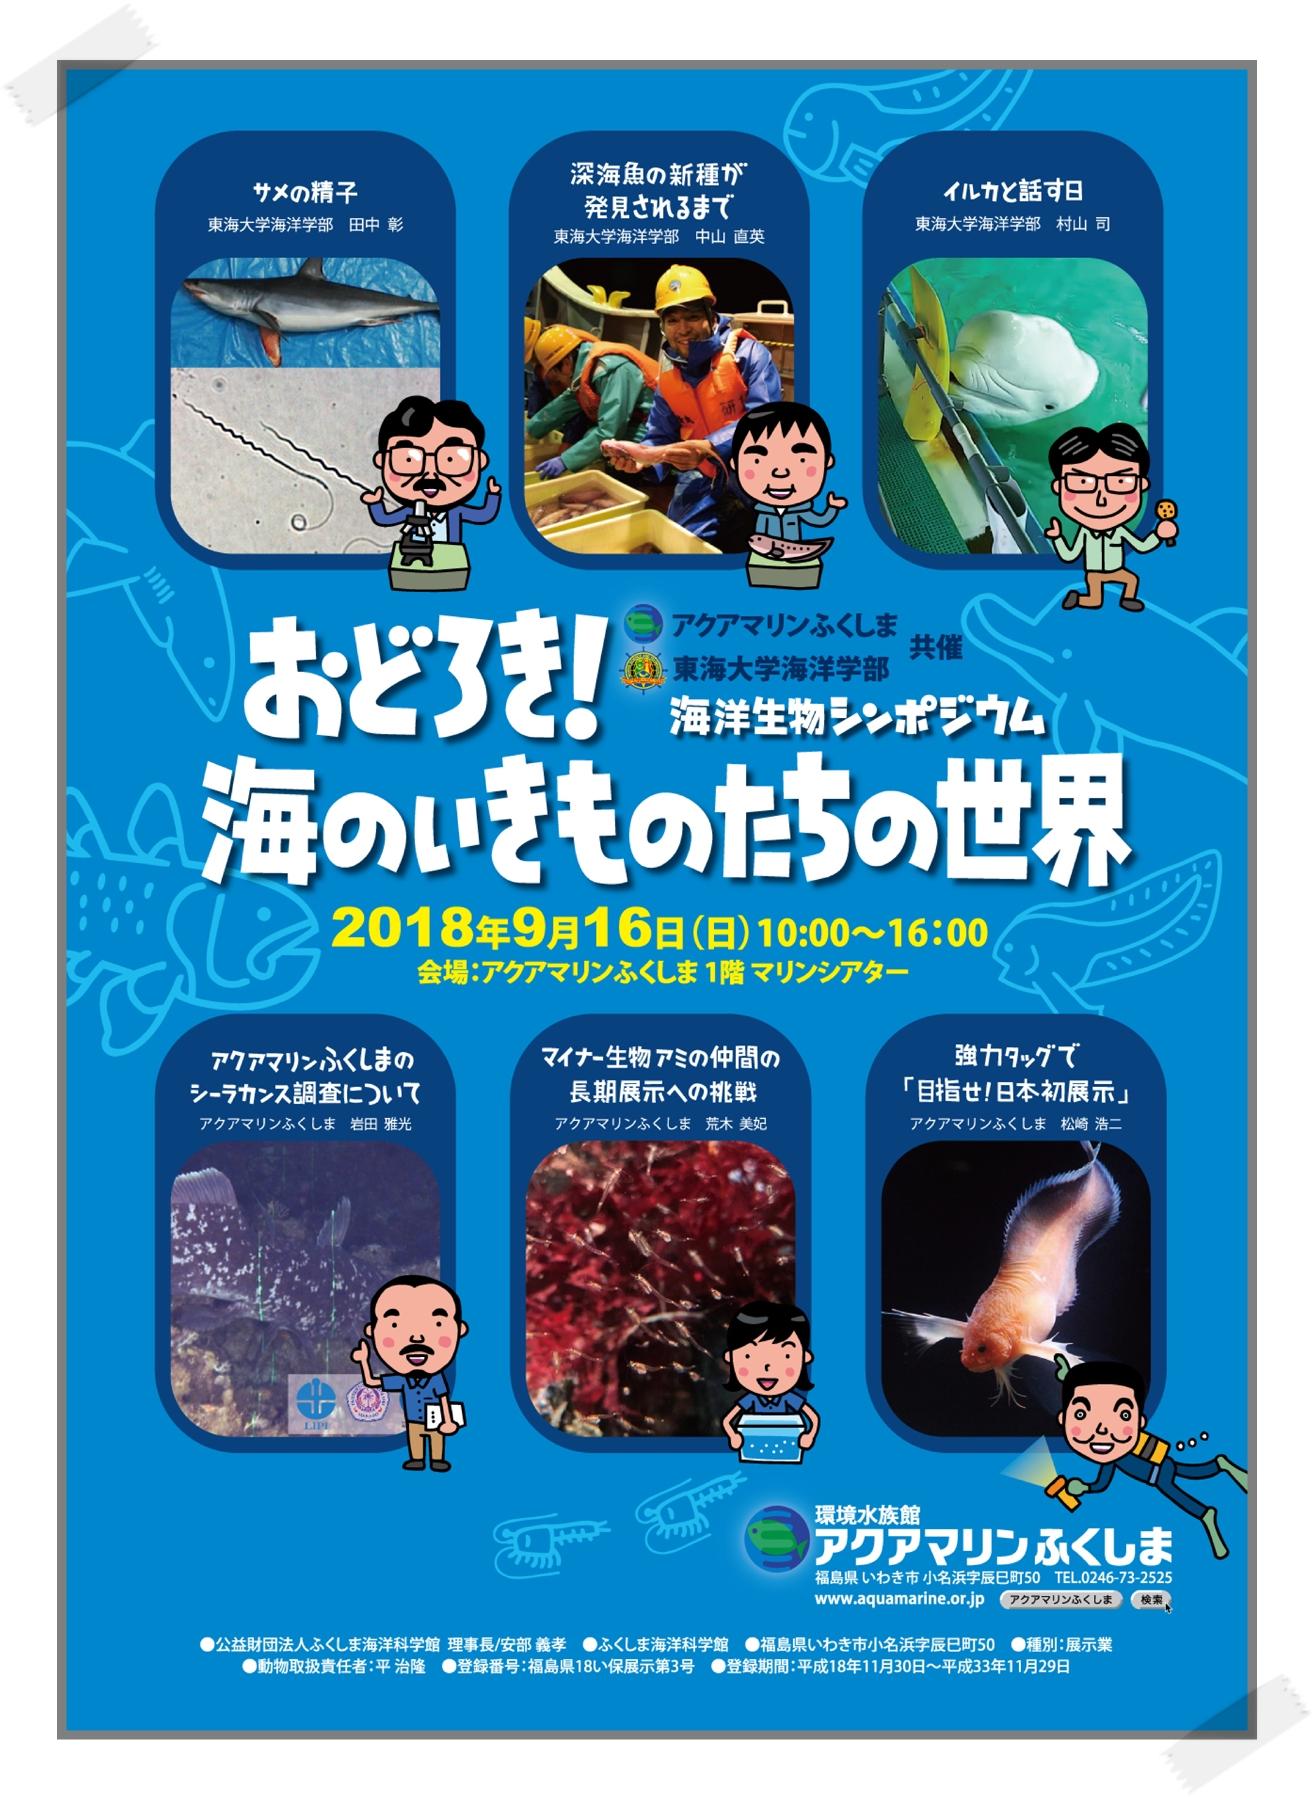 環境水族館アクアマリンふくしま「海洋生物シンポジウム「おどろき!海のいきものたちの世界」」参加者募集のお知らせ [平成30年8月24日(金)更新]1